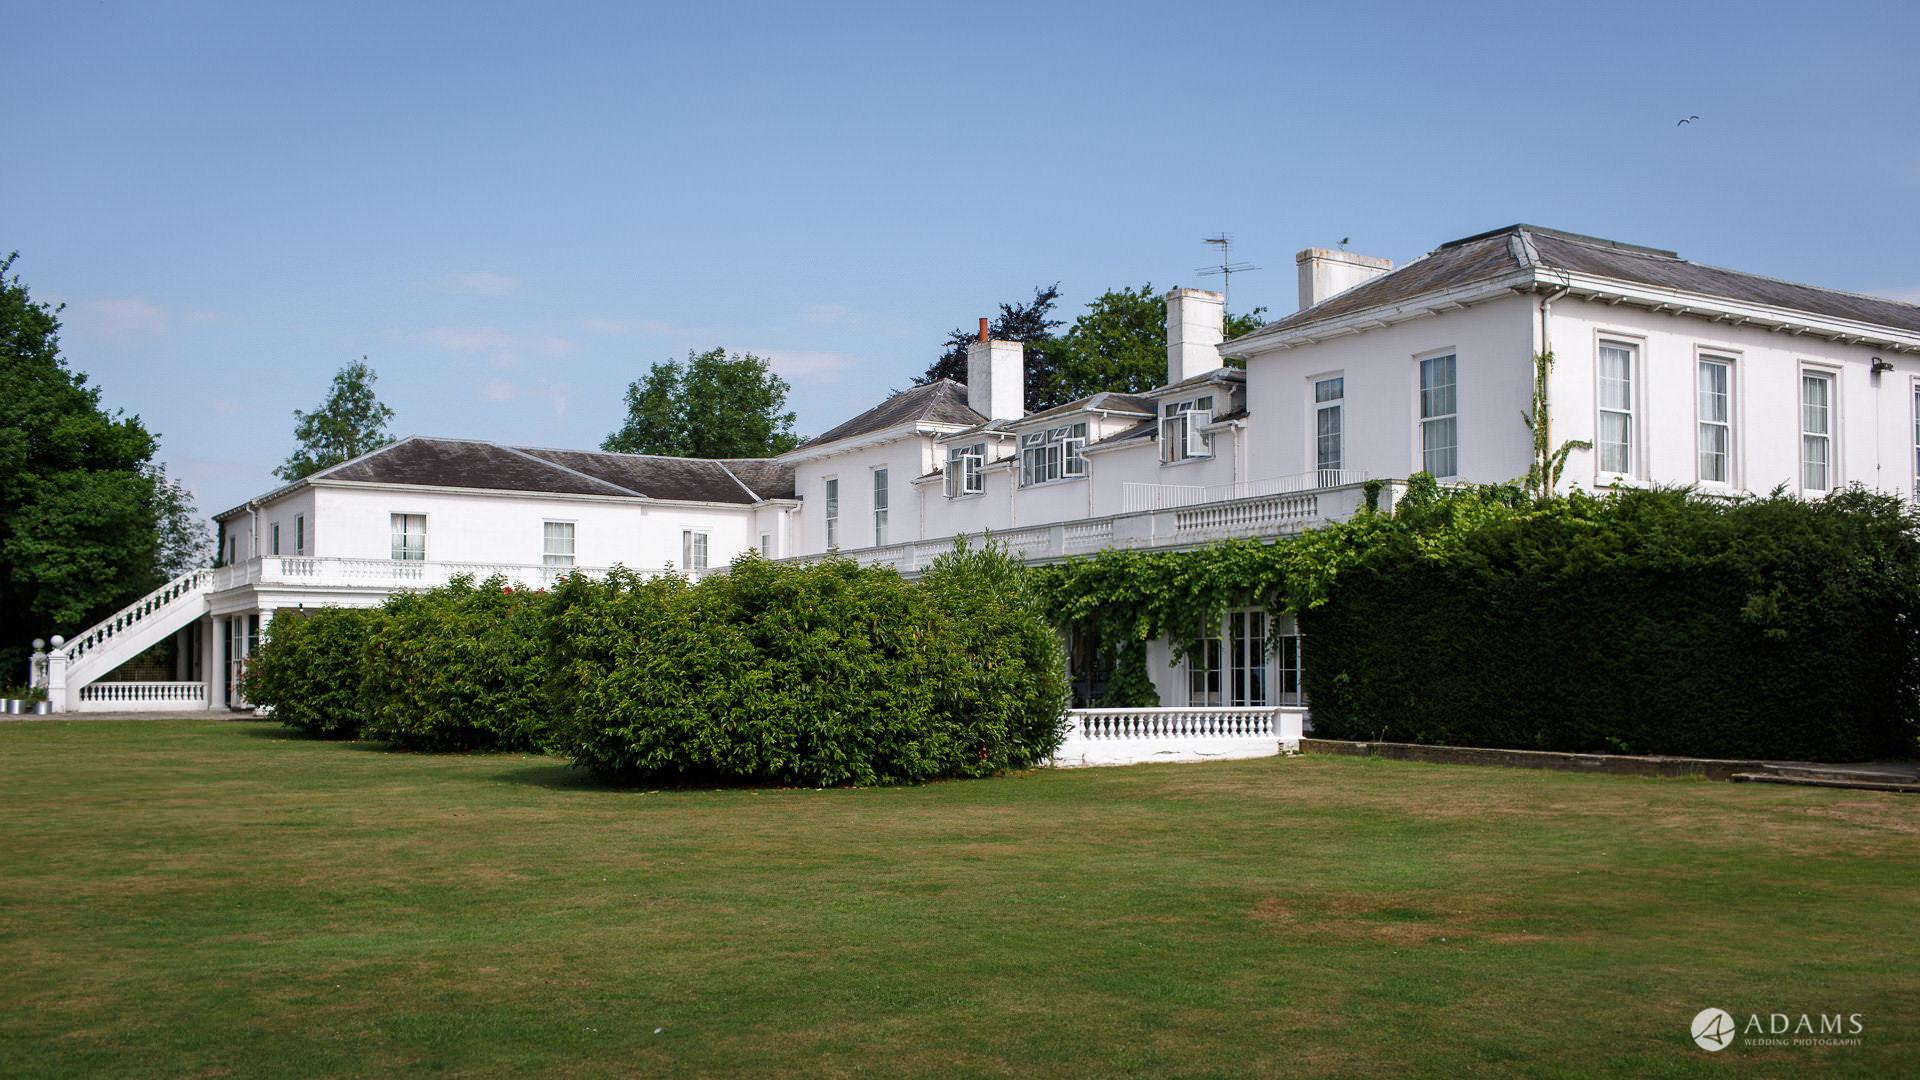 Manor of Groves Hotel Wedding venue